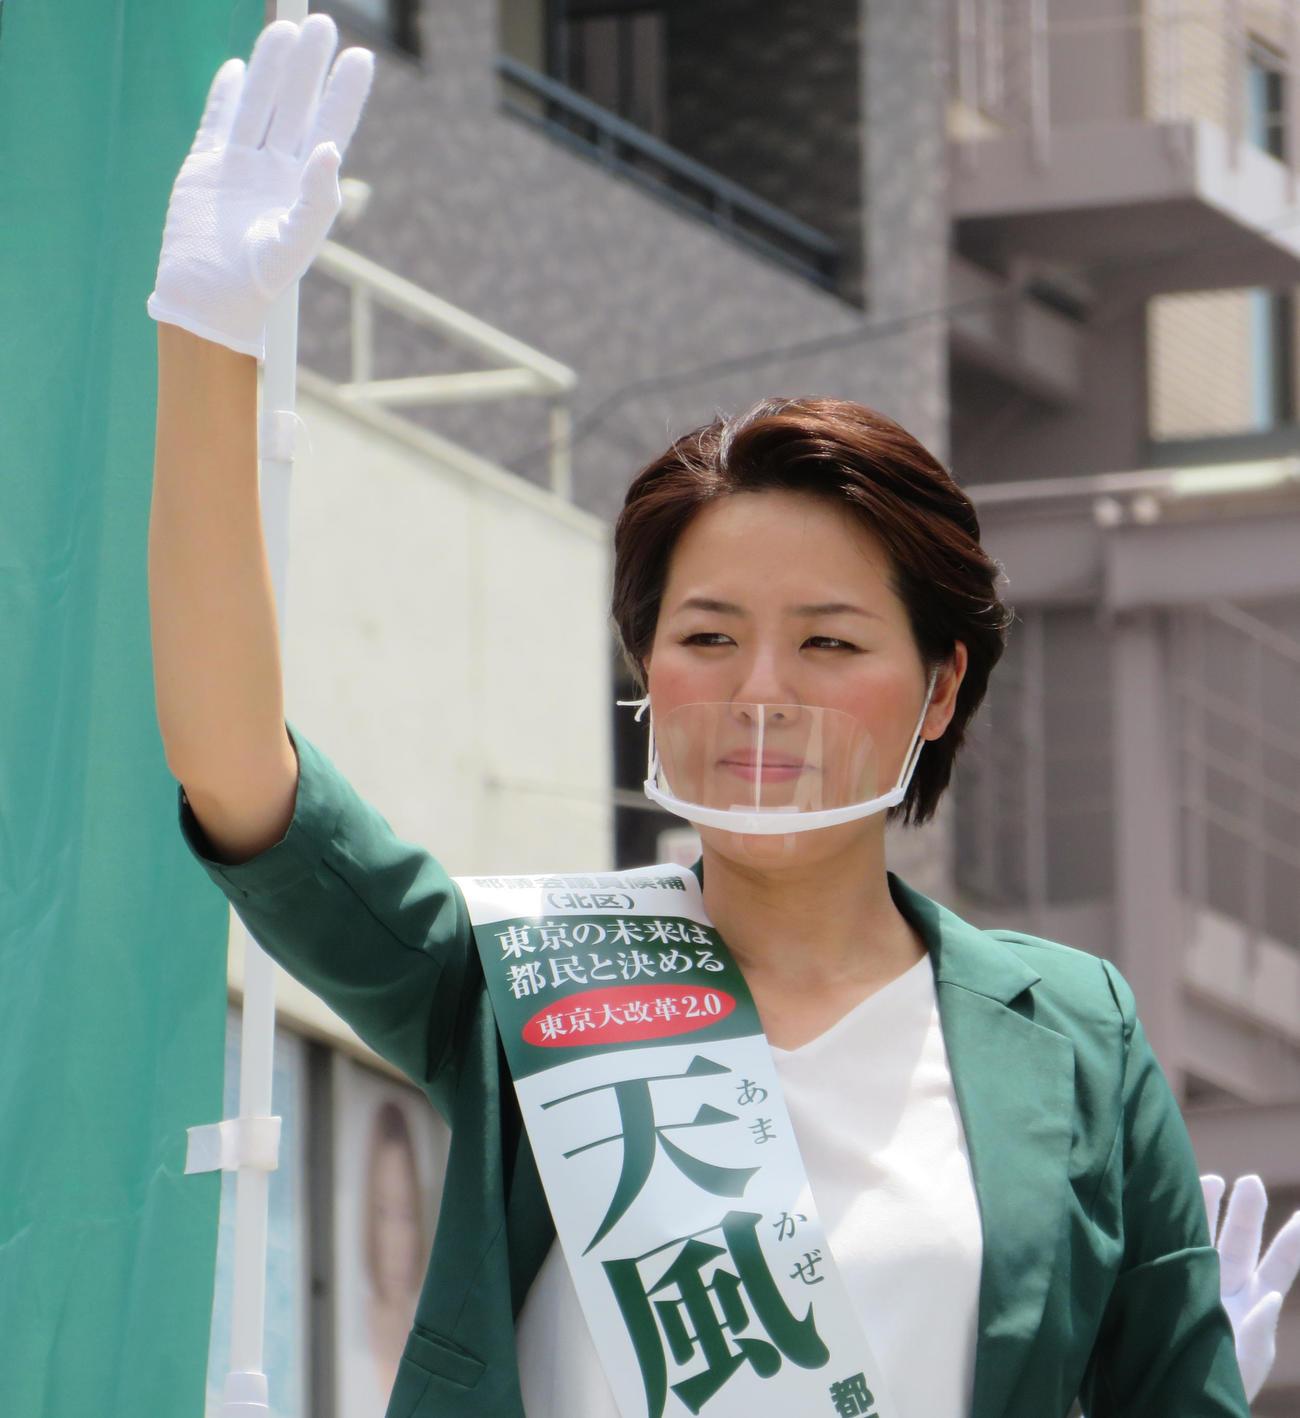 東京都議会北区補選の第一声を行った、都民ファーストの会公認の天風いぶき氏(撮影・佐藤勝亮)